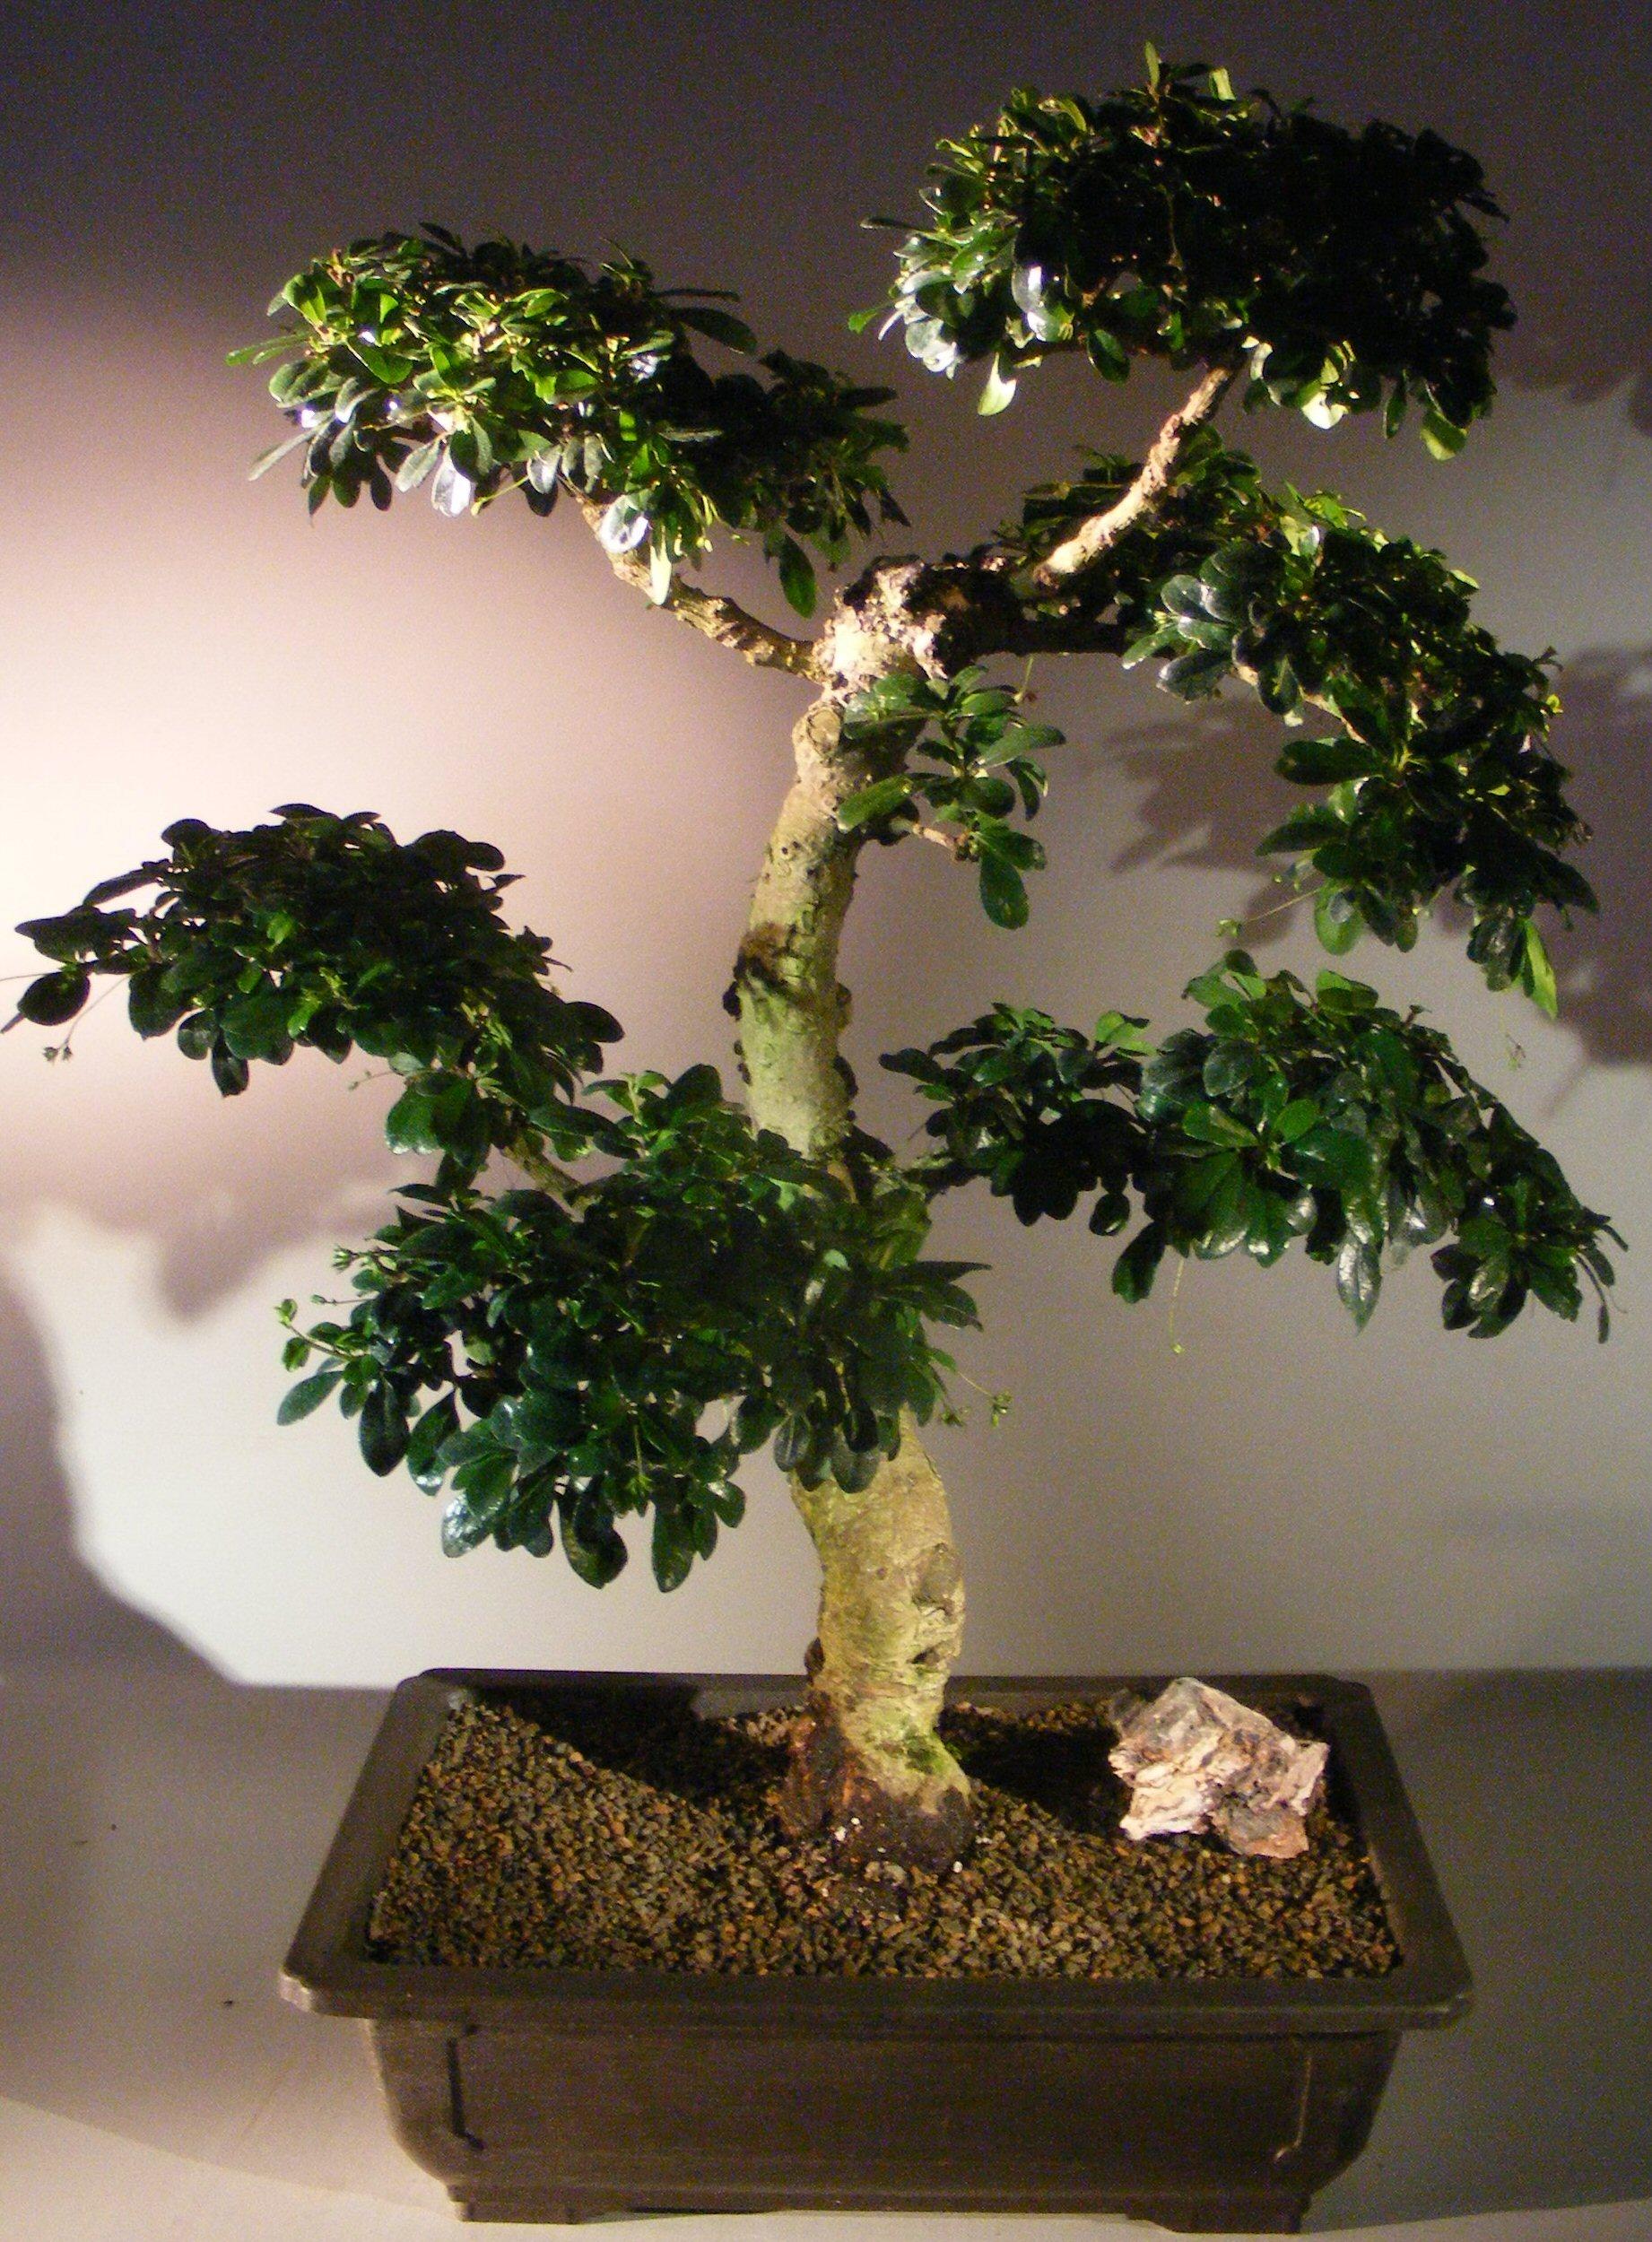 Flowering Fukien Tea Bonsai Tree Pom Pom Style Ehretia Microphylla Ehretia Microphylla